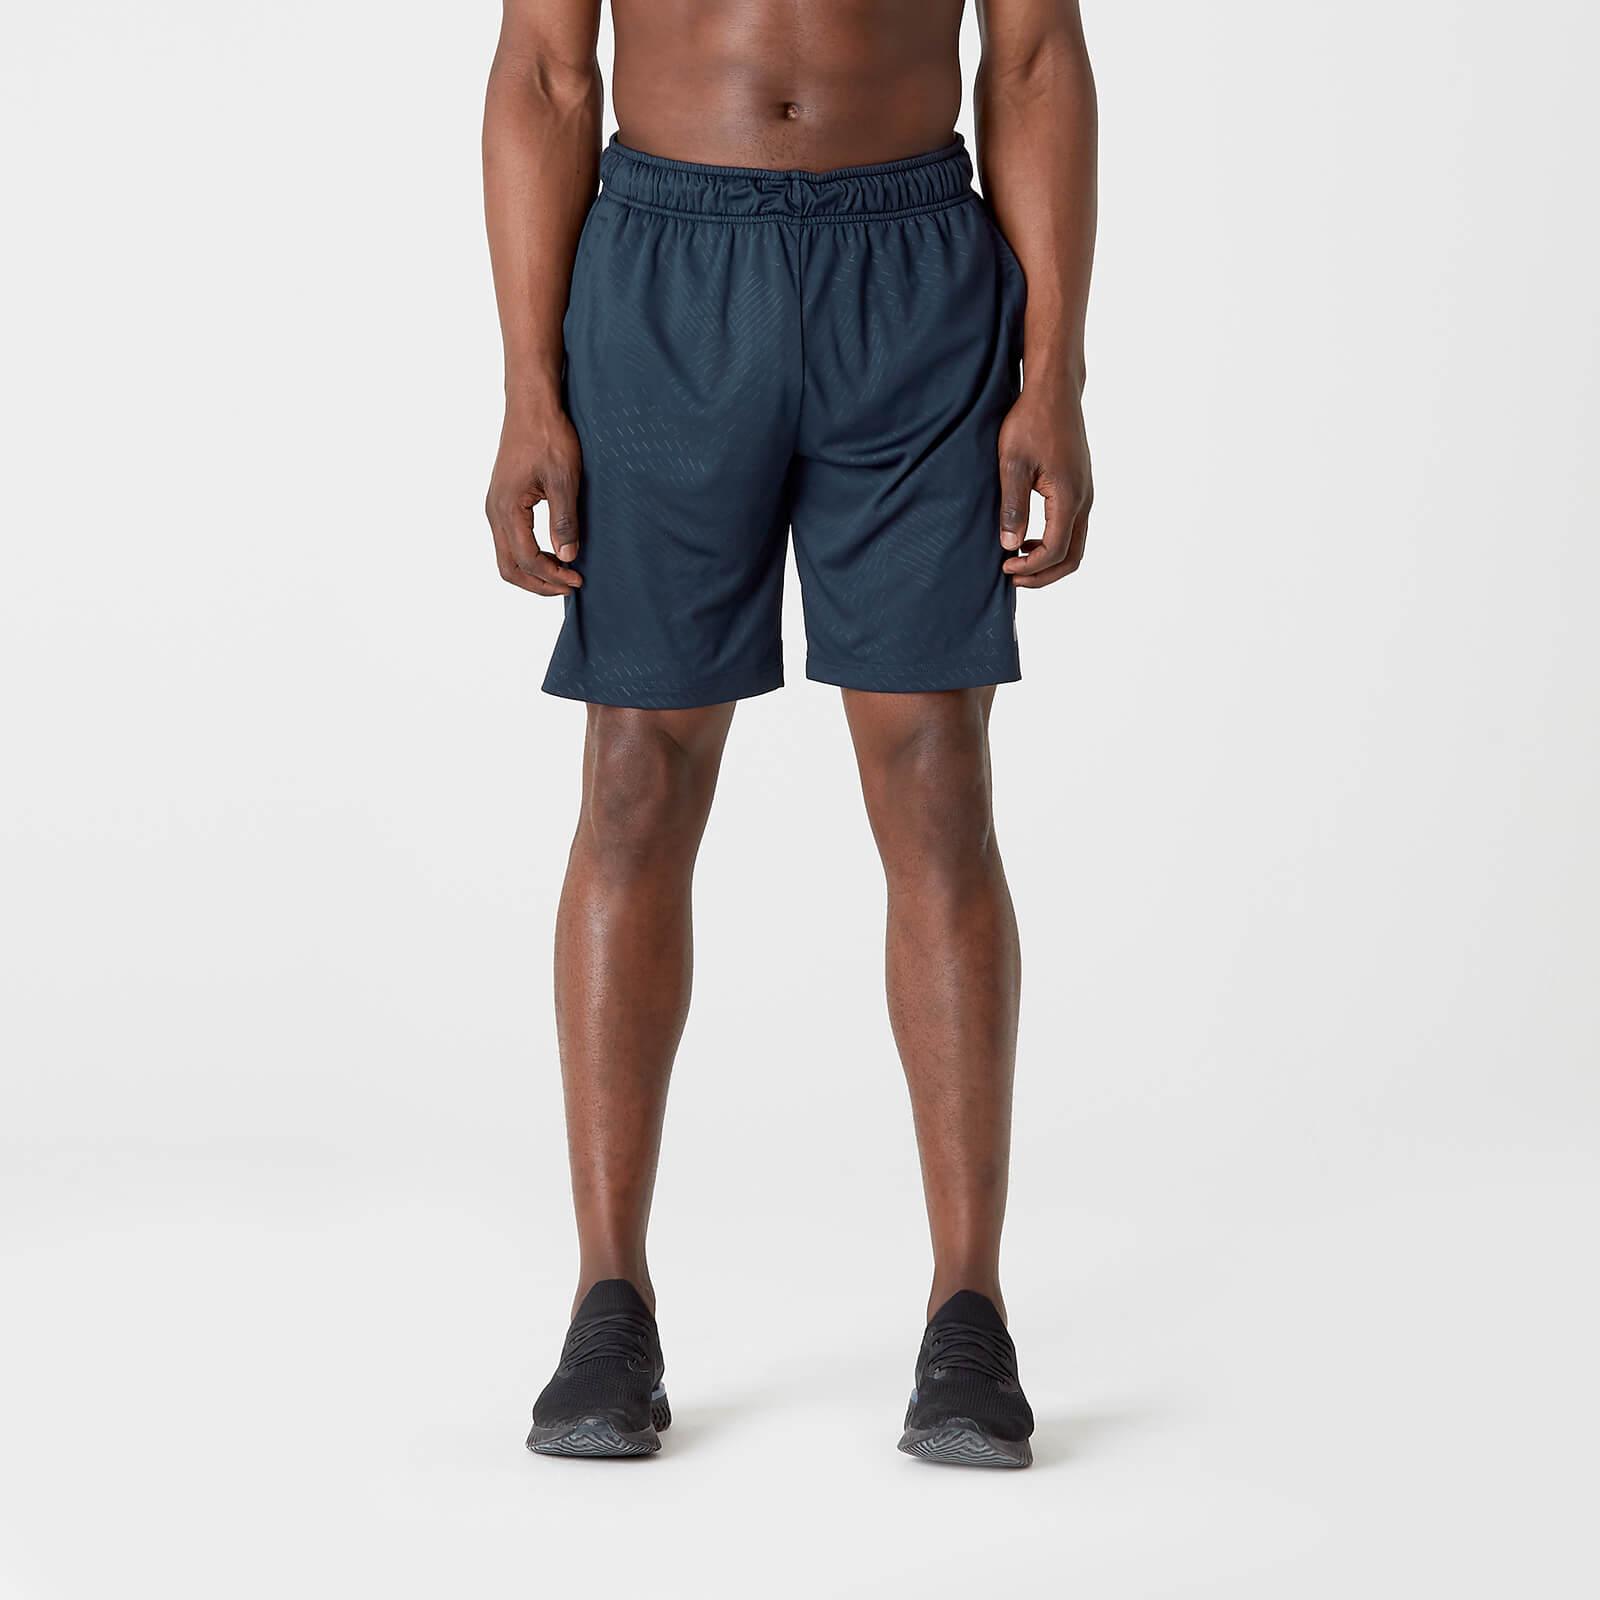 Myprotein Dry-Tech Infinity Shorts - Navy - L - Navy